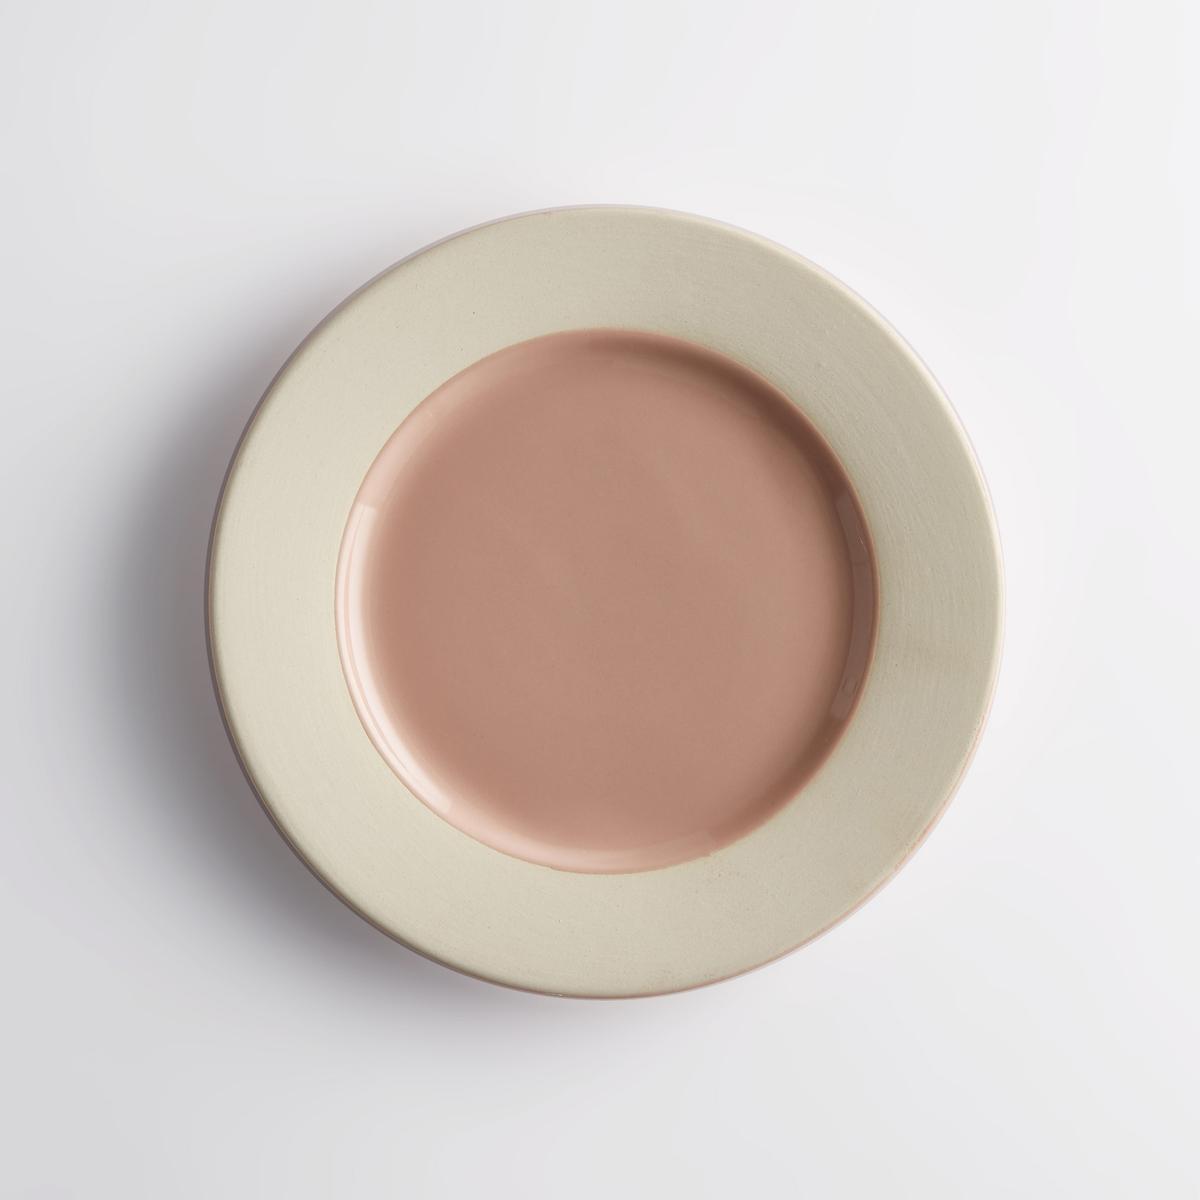 Комплект из 4 десертных тарелок, WAROTA комплект из 4 мелких тарелок из керамики olazhi